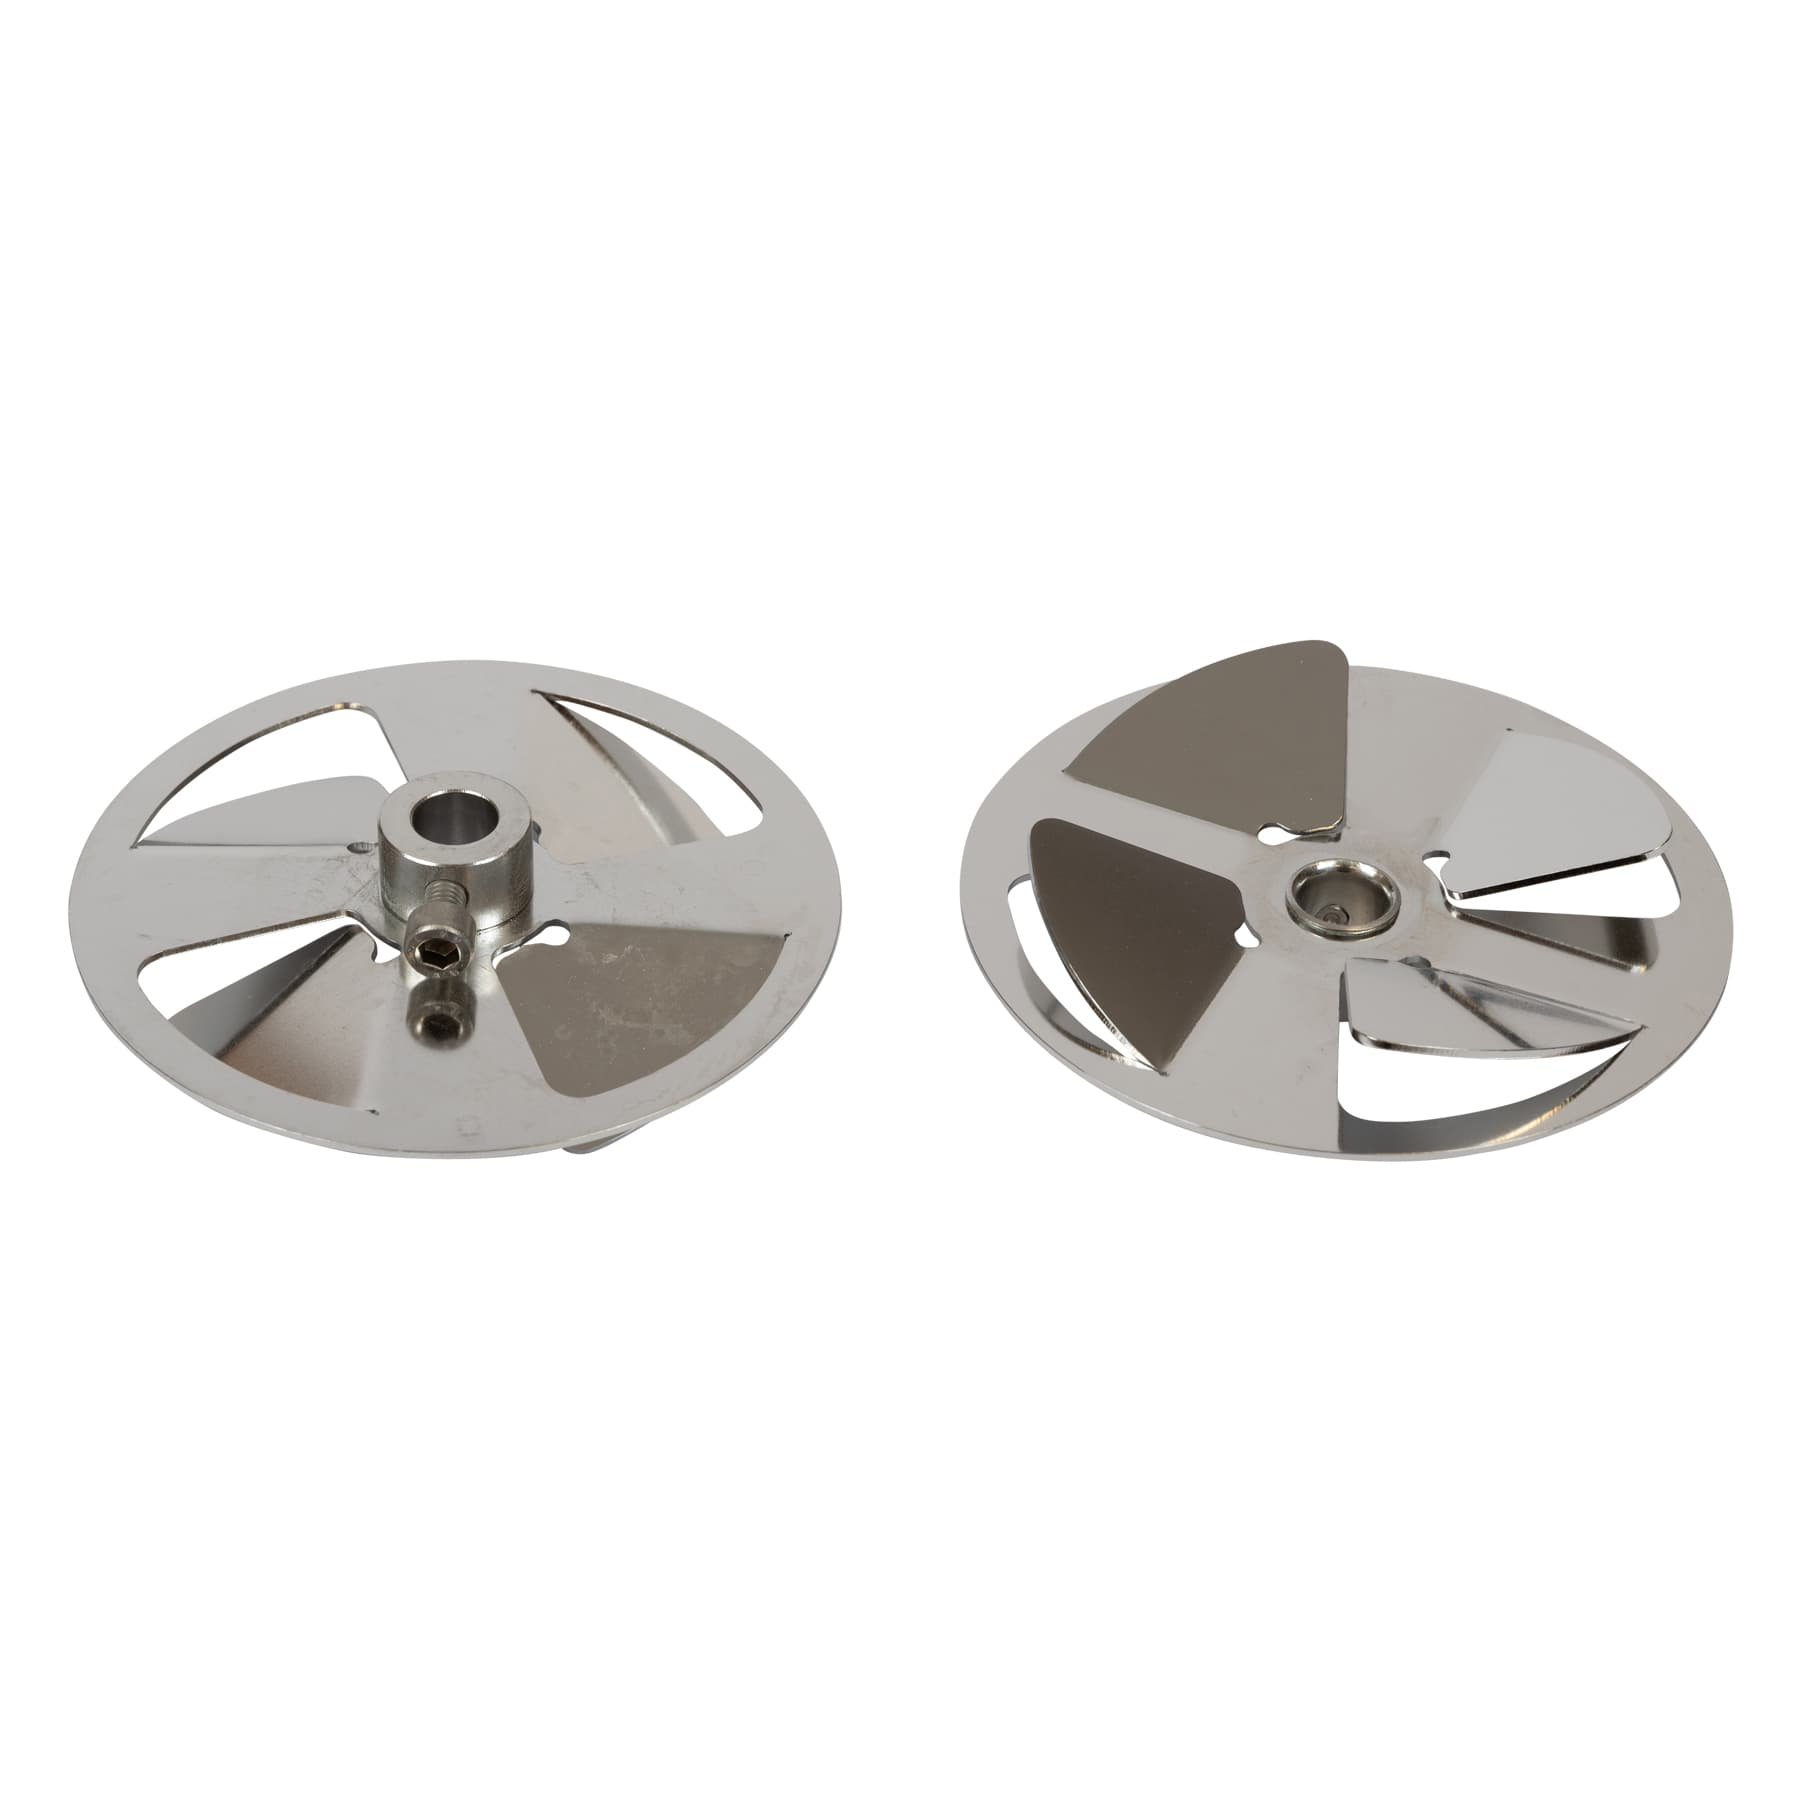 """Zusatzflügel für Rührpropeller """"Apitech-Turbo"""", bestehend aus einem Beutel mit 1 Paar/Satz =zwei Flügel"""